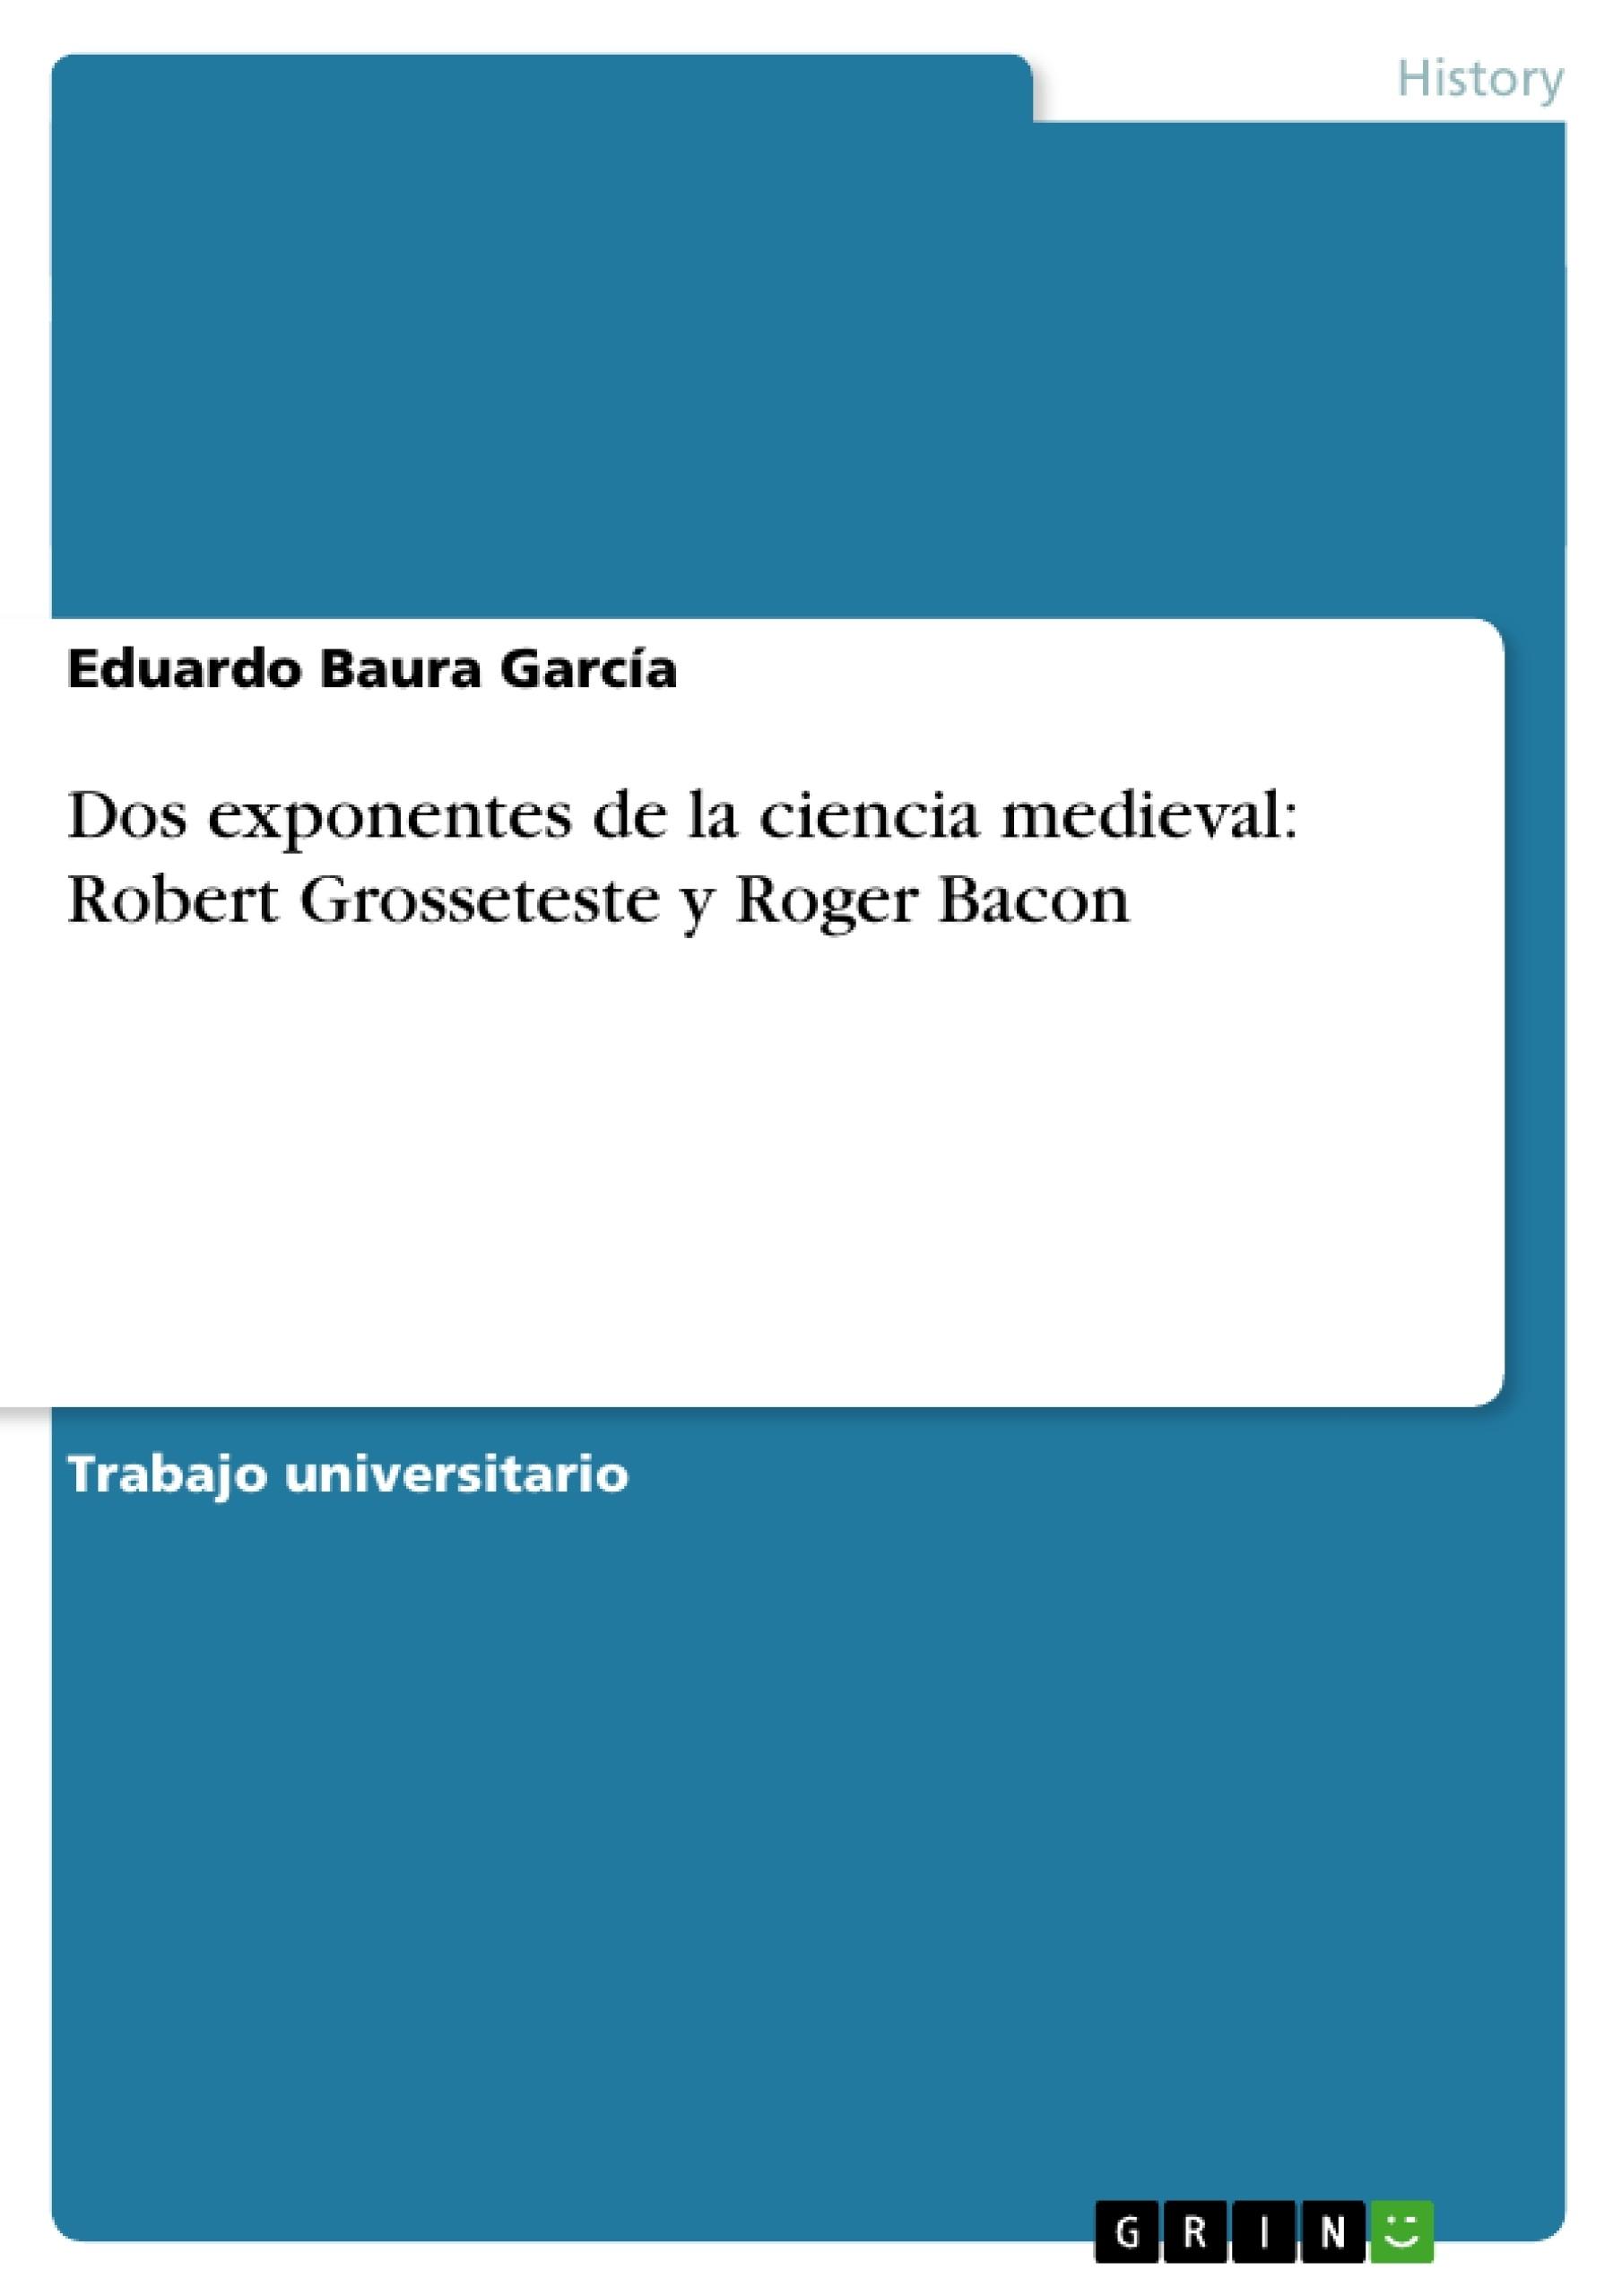 Título: Dos exponentes de la ciencia medieval: Robert Grosseteste y Roger Bacon